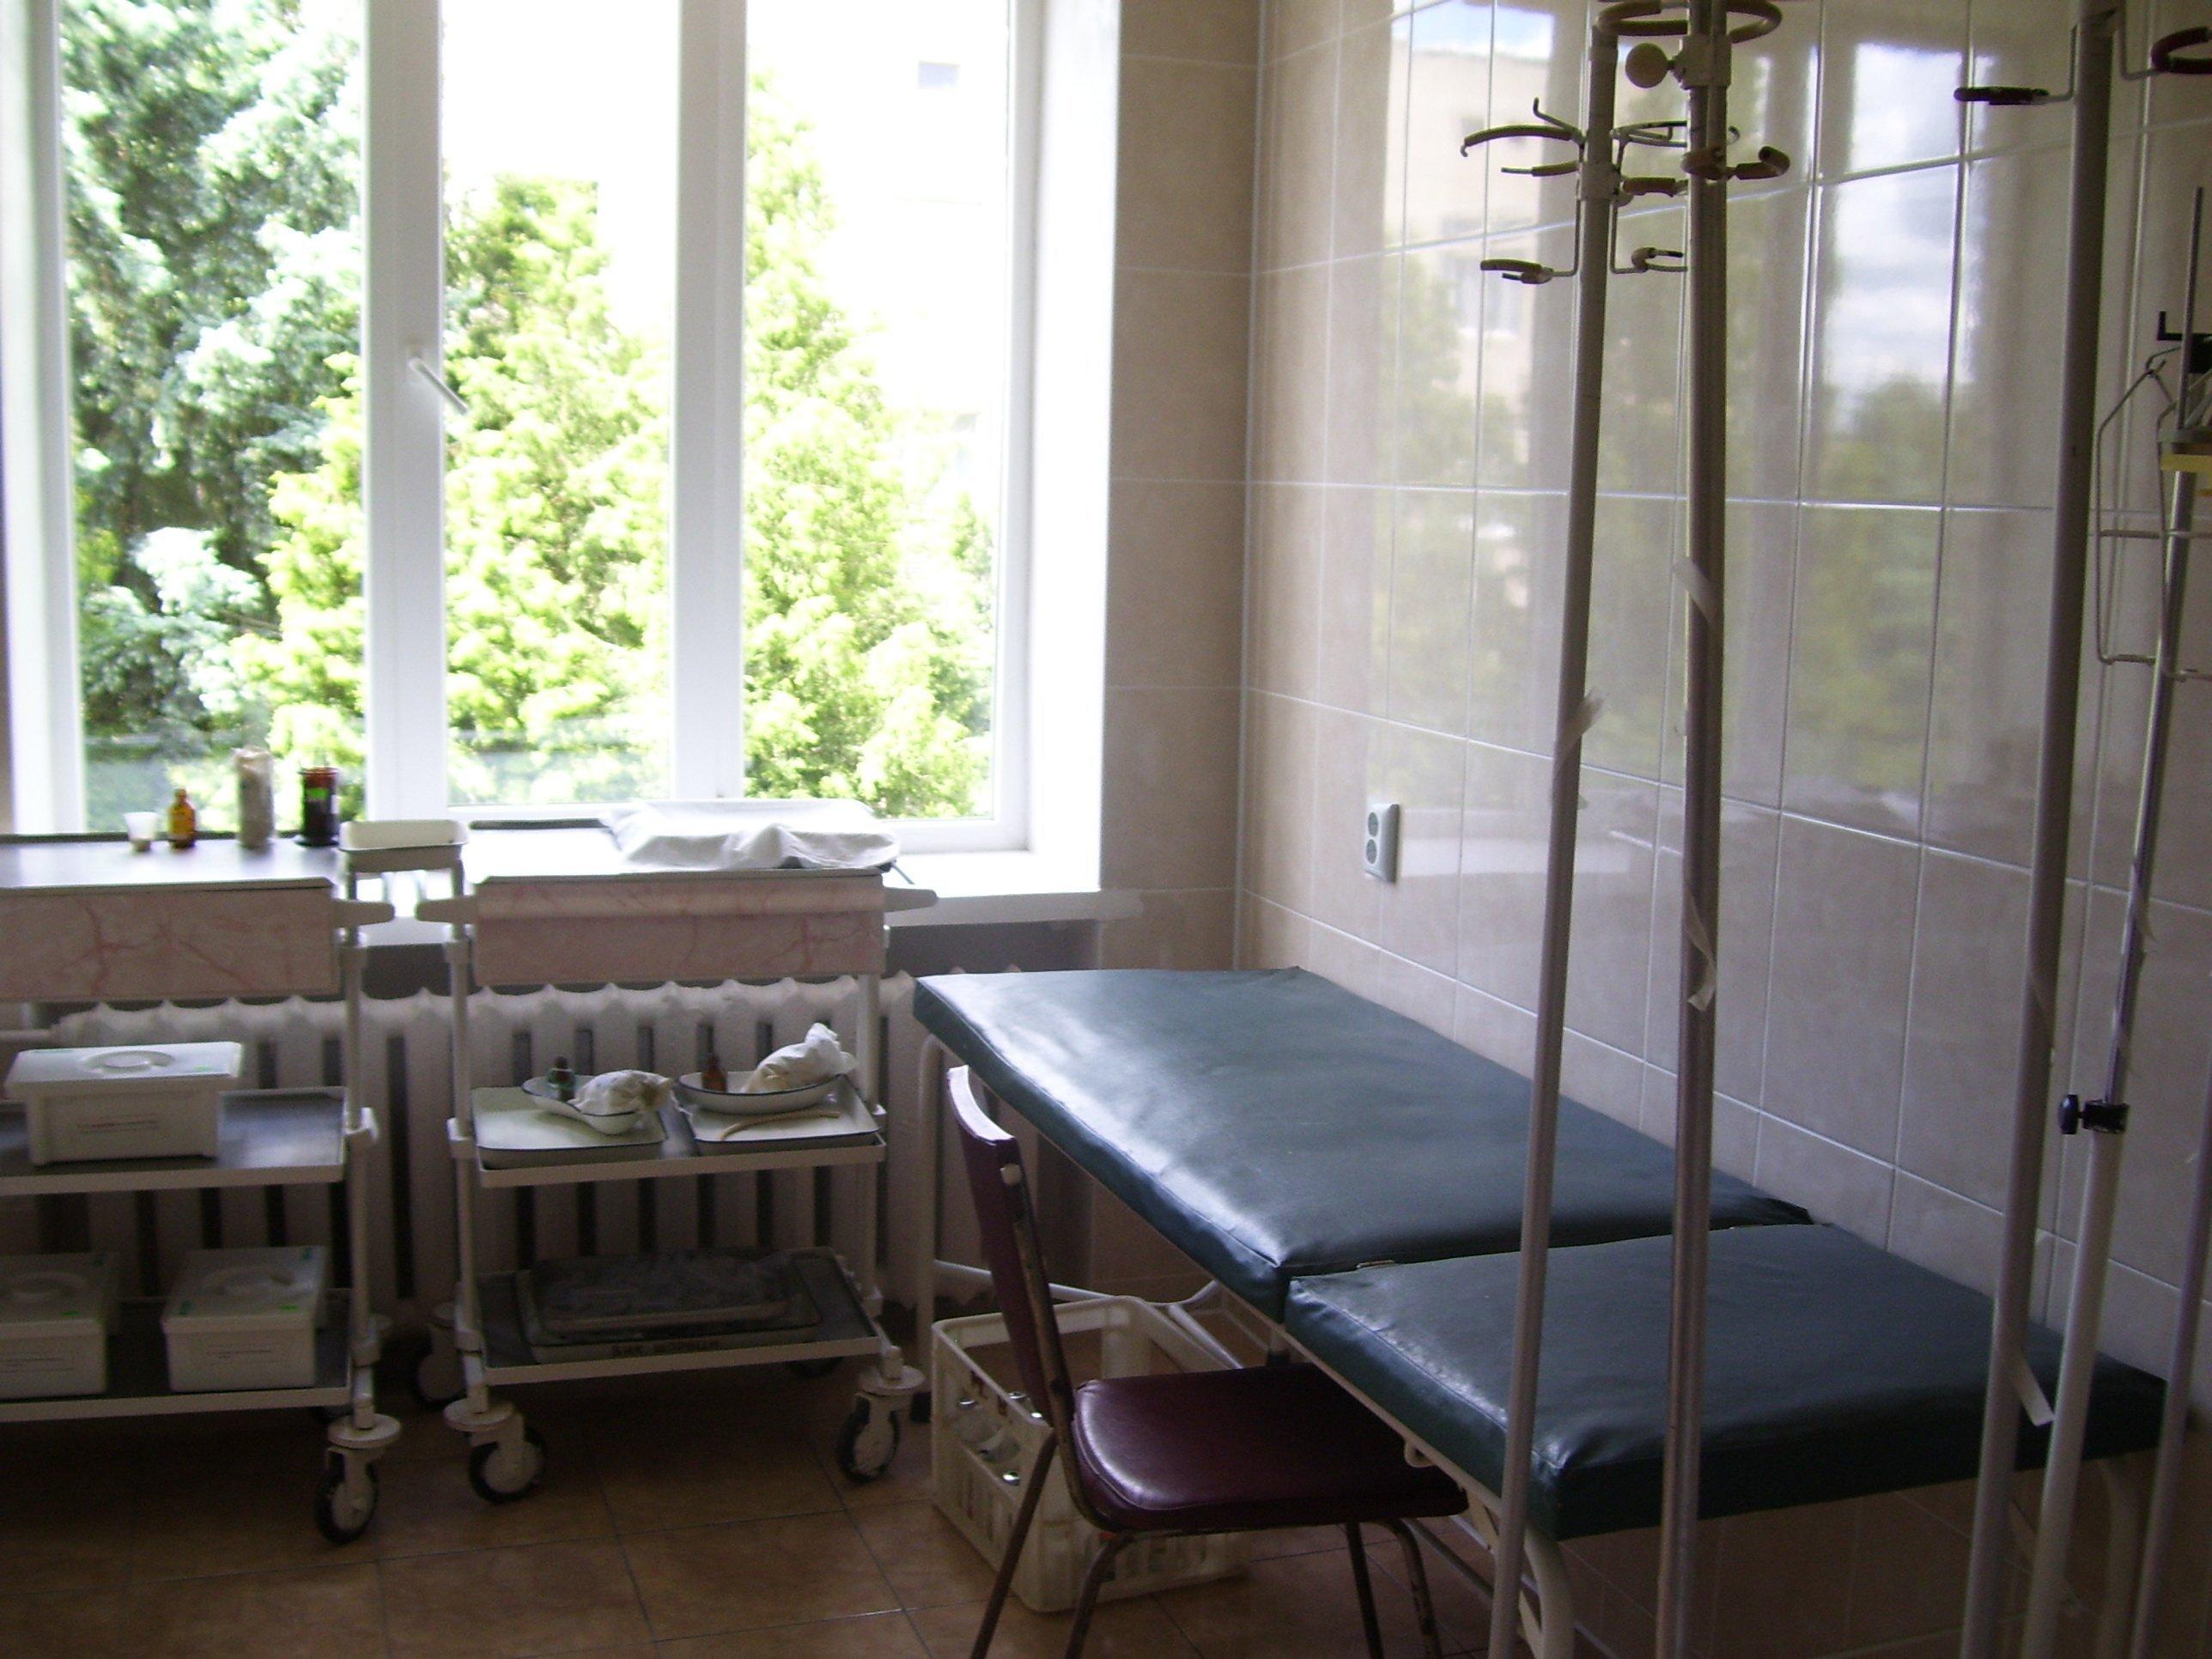 У Києві із лікарні загадково зник пацієнт